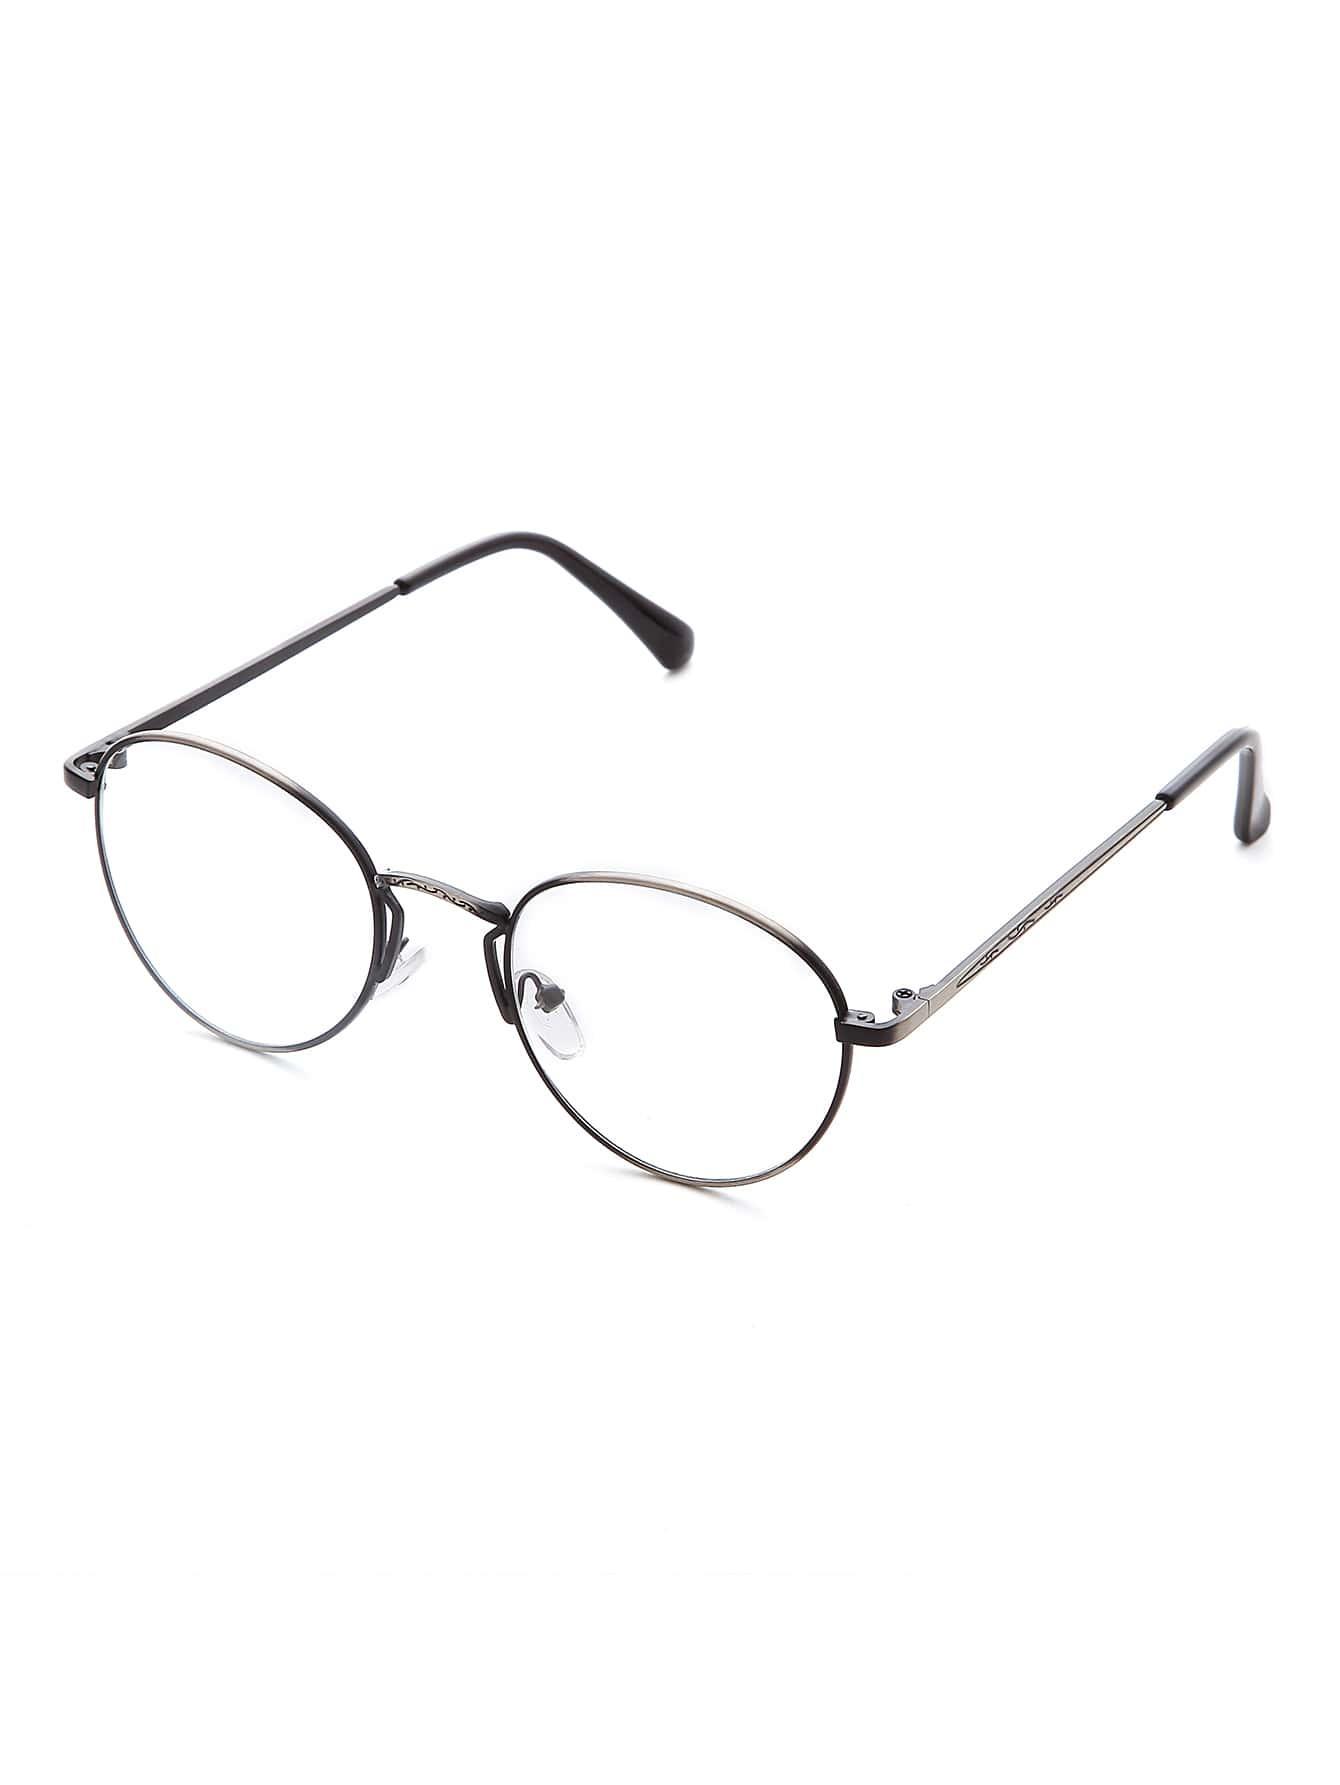 sliver frame clear objektiv retro brille german shein sheinside. Black Bedroom Furniture Sets. Home Design Ideas